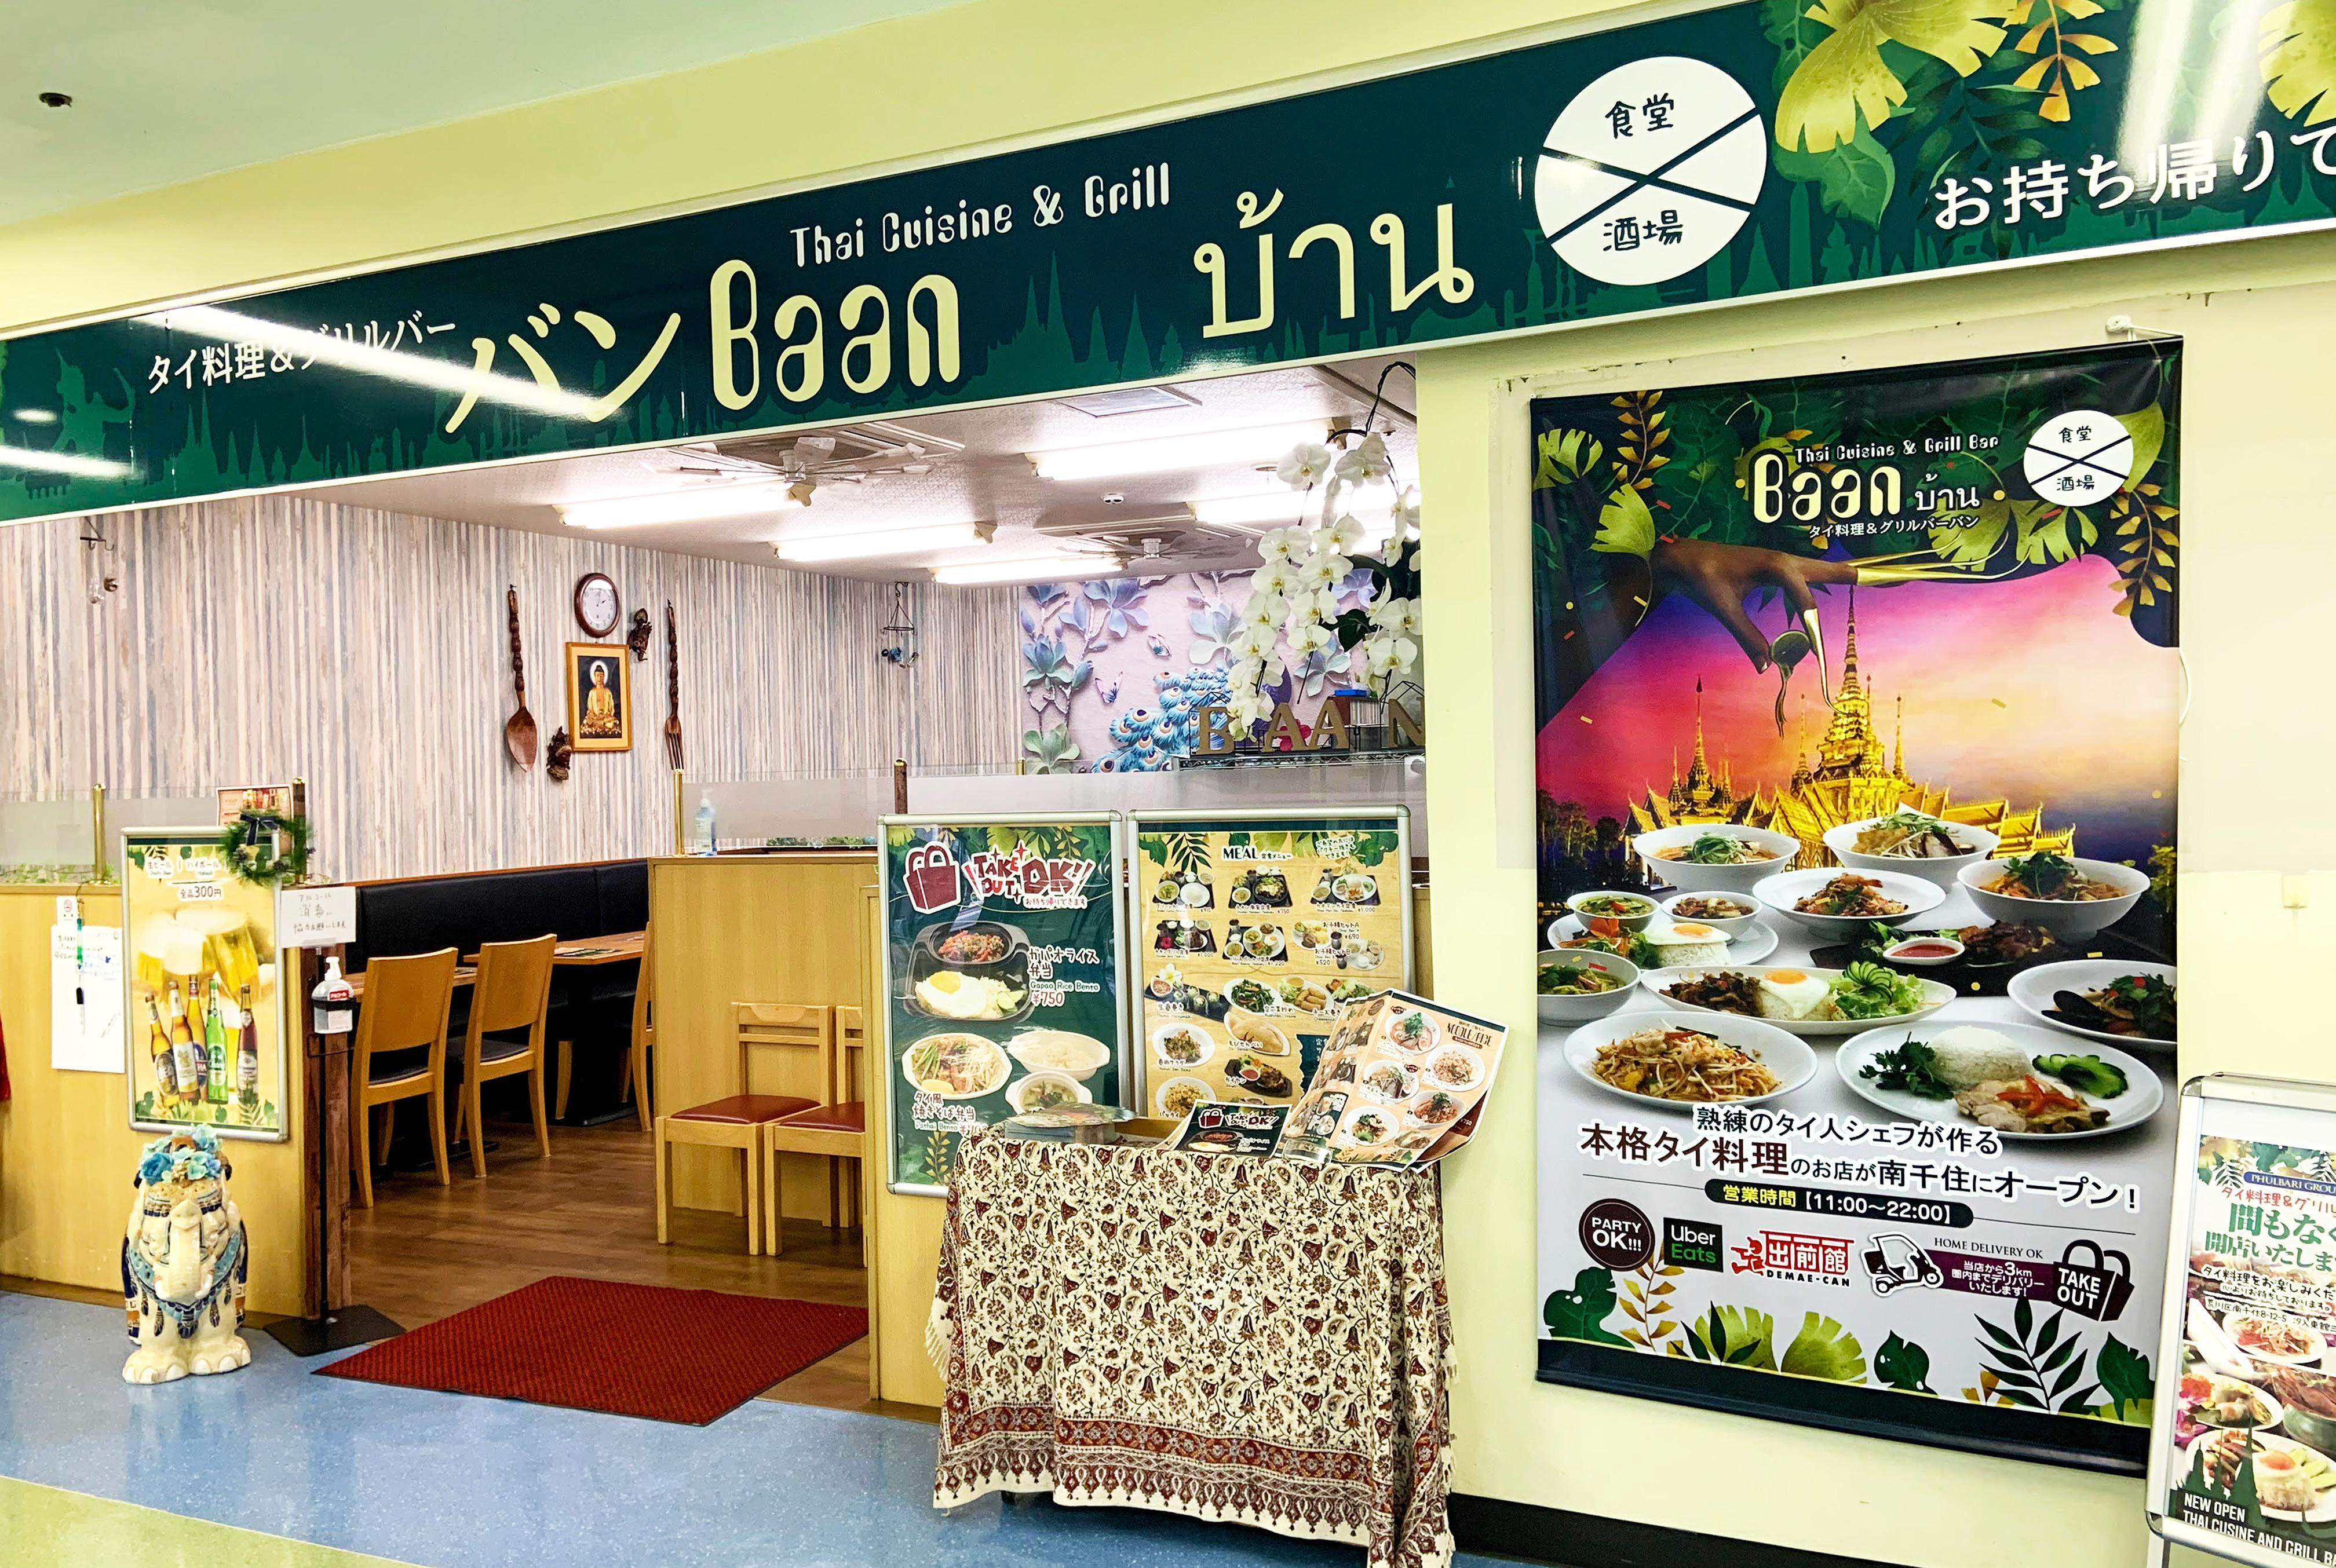 タイ料理&グリルバー バン